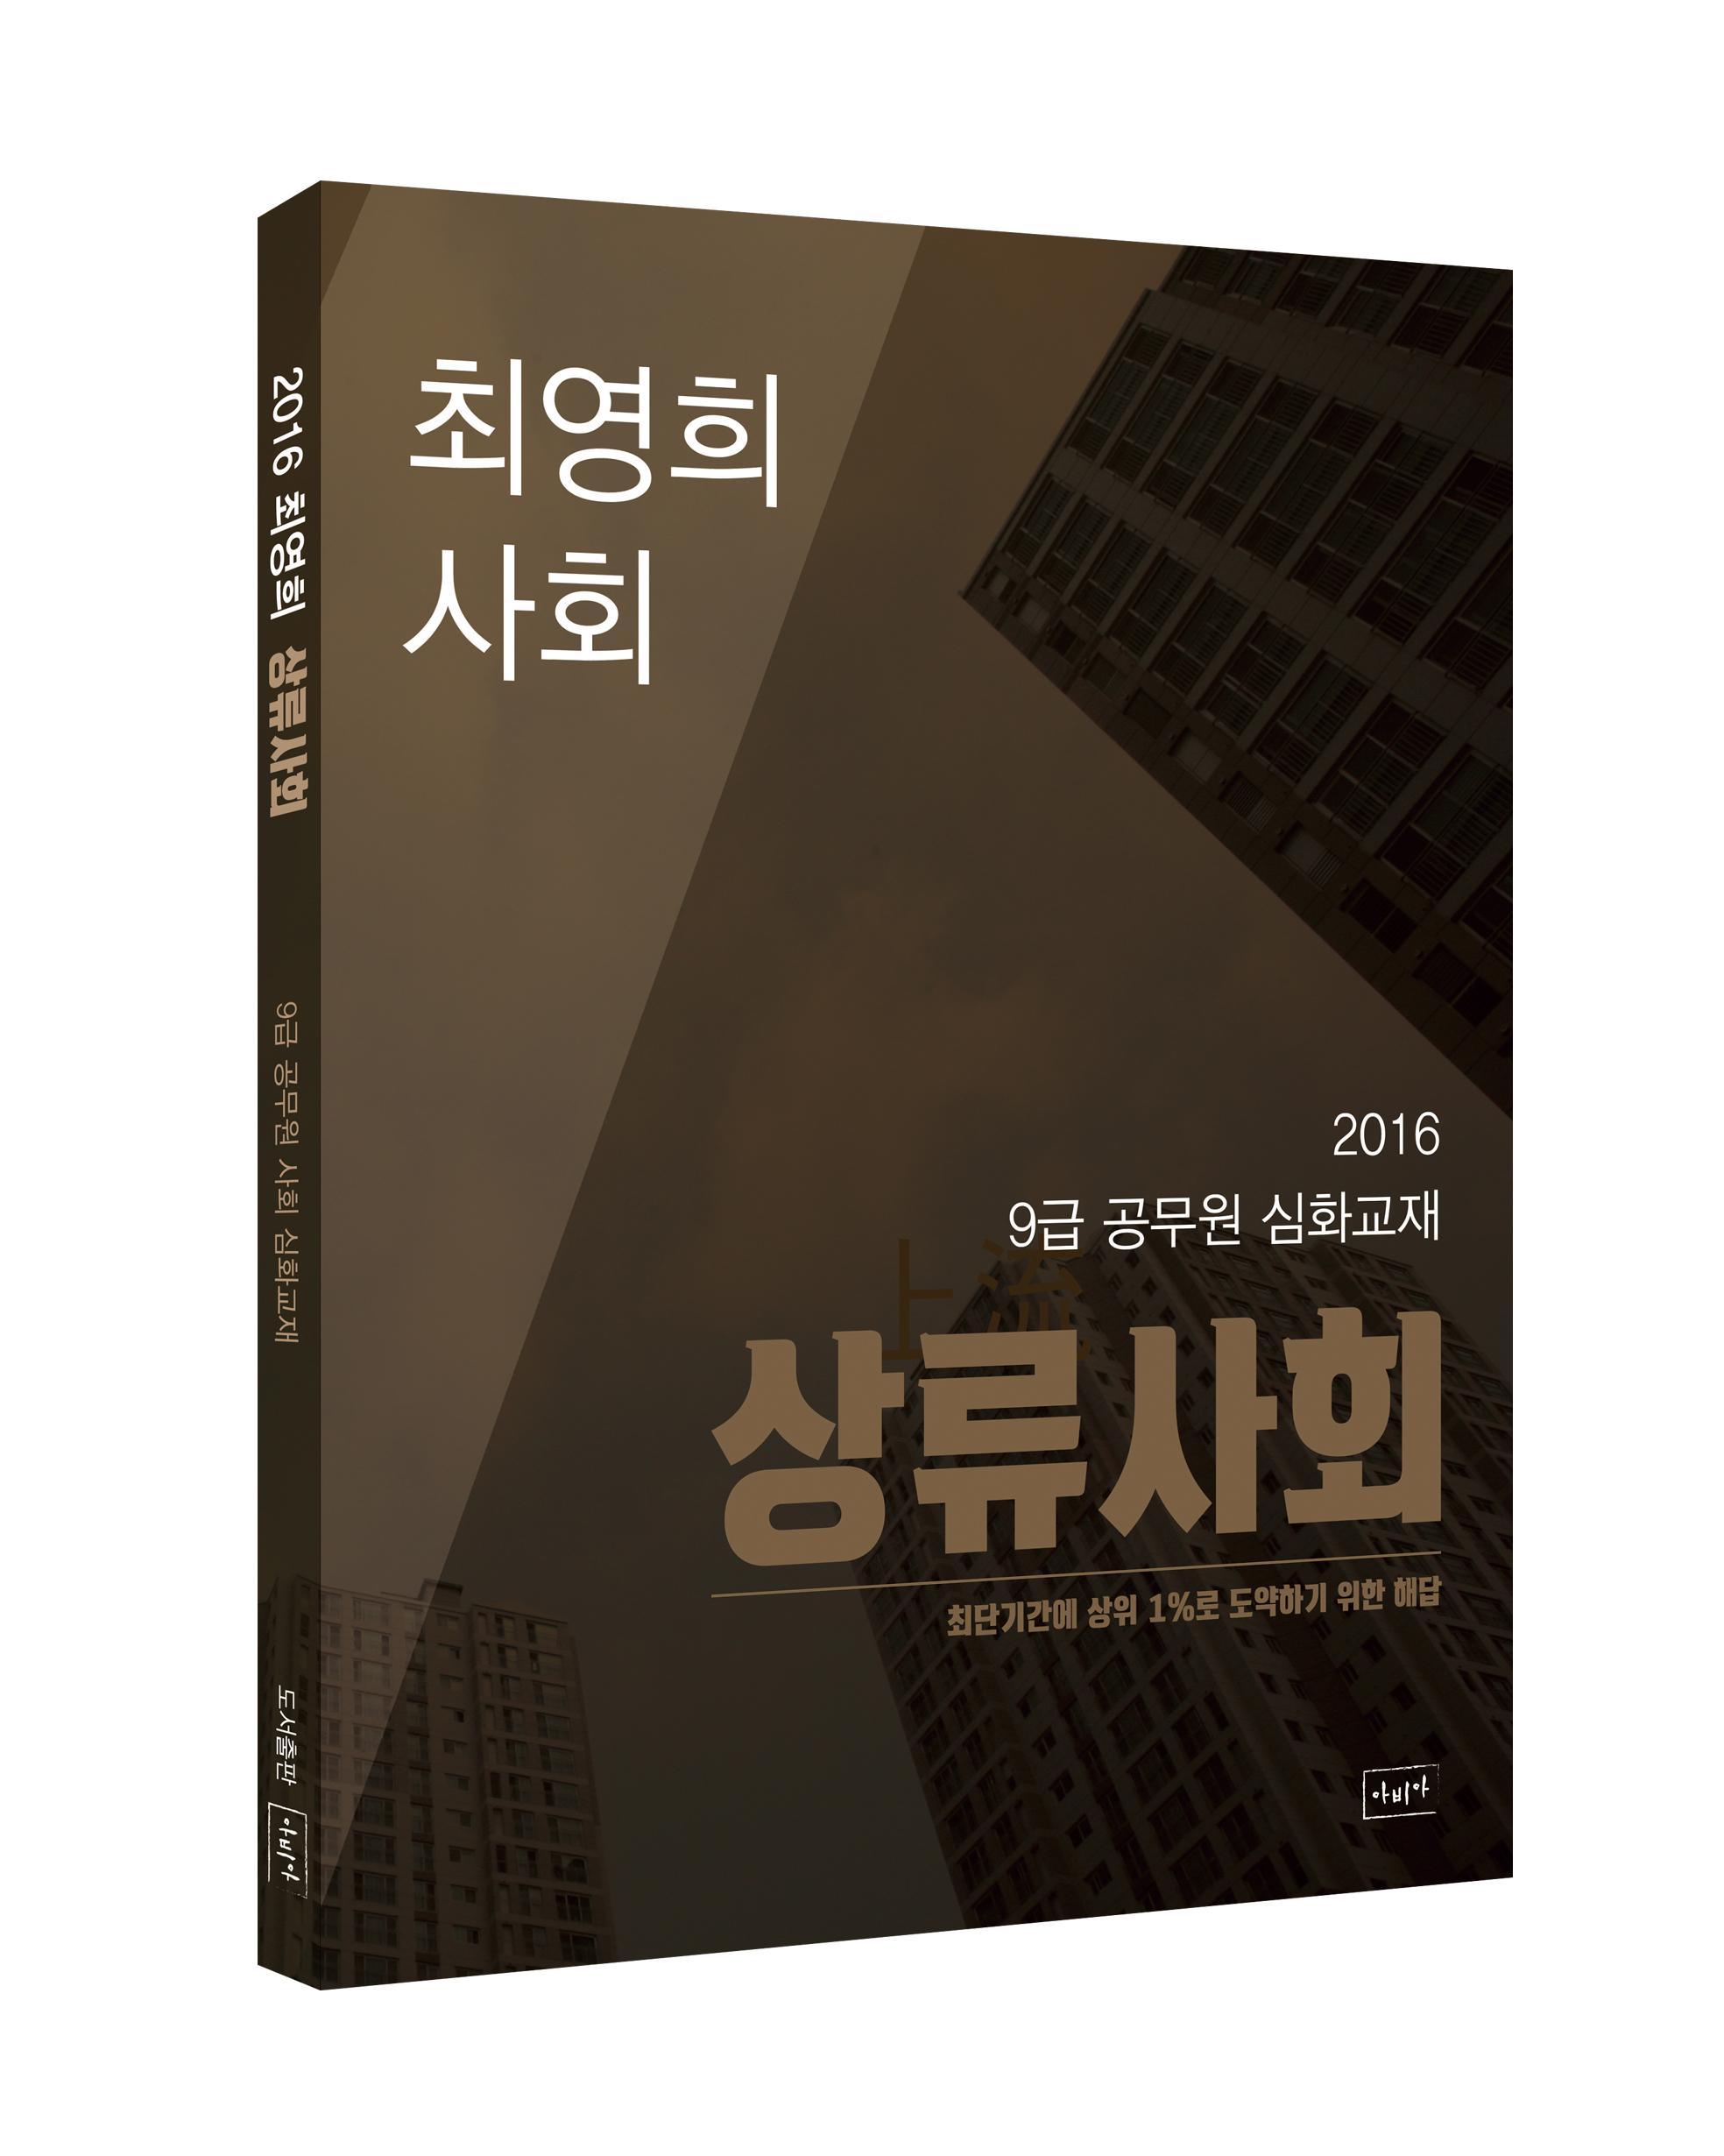 2016 최영희 상류사회